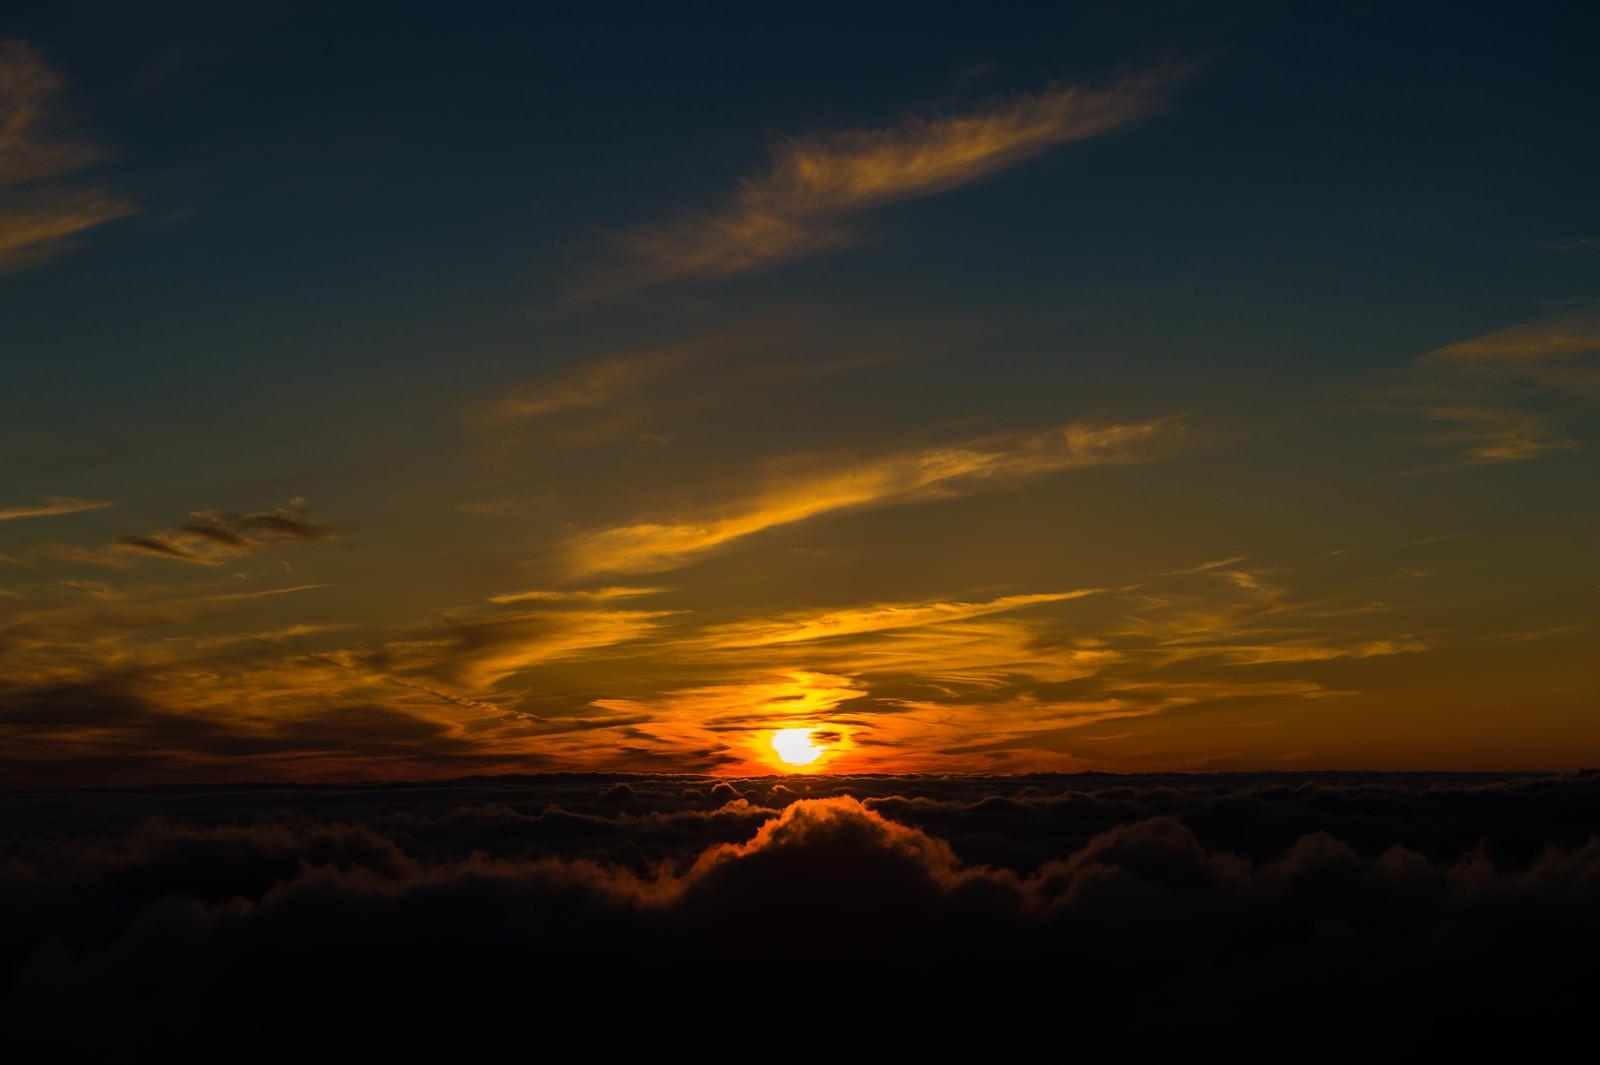 「北アルプス日没直前に煌々と光を放つ太陽北アルプス日没直前に煌々と光を放つ太陽」のフリー写真素材を拡大